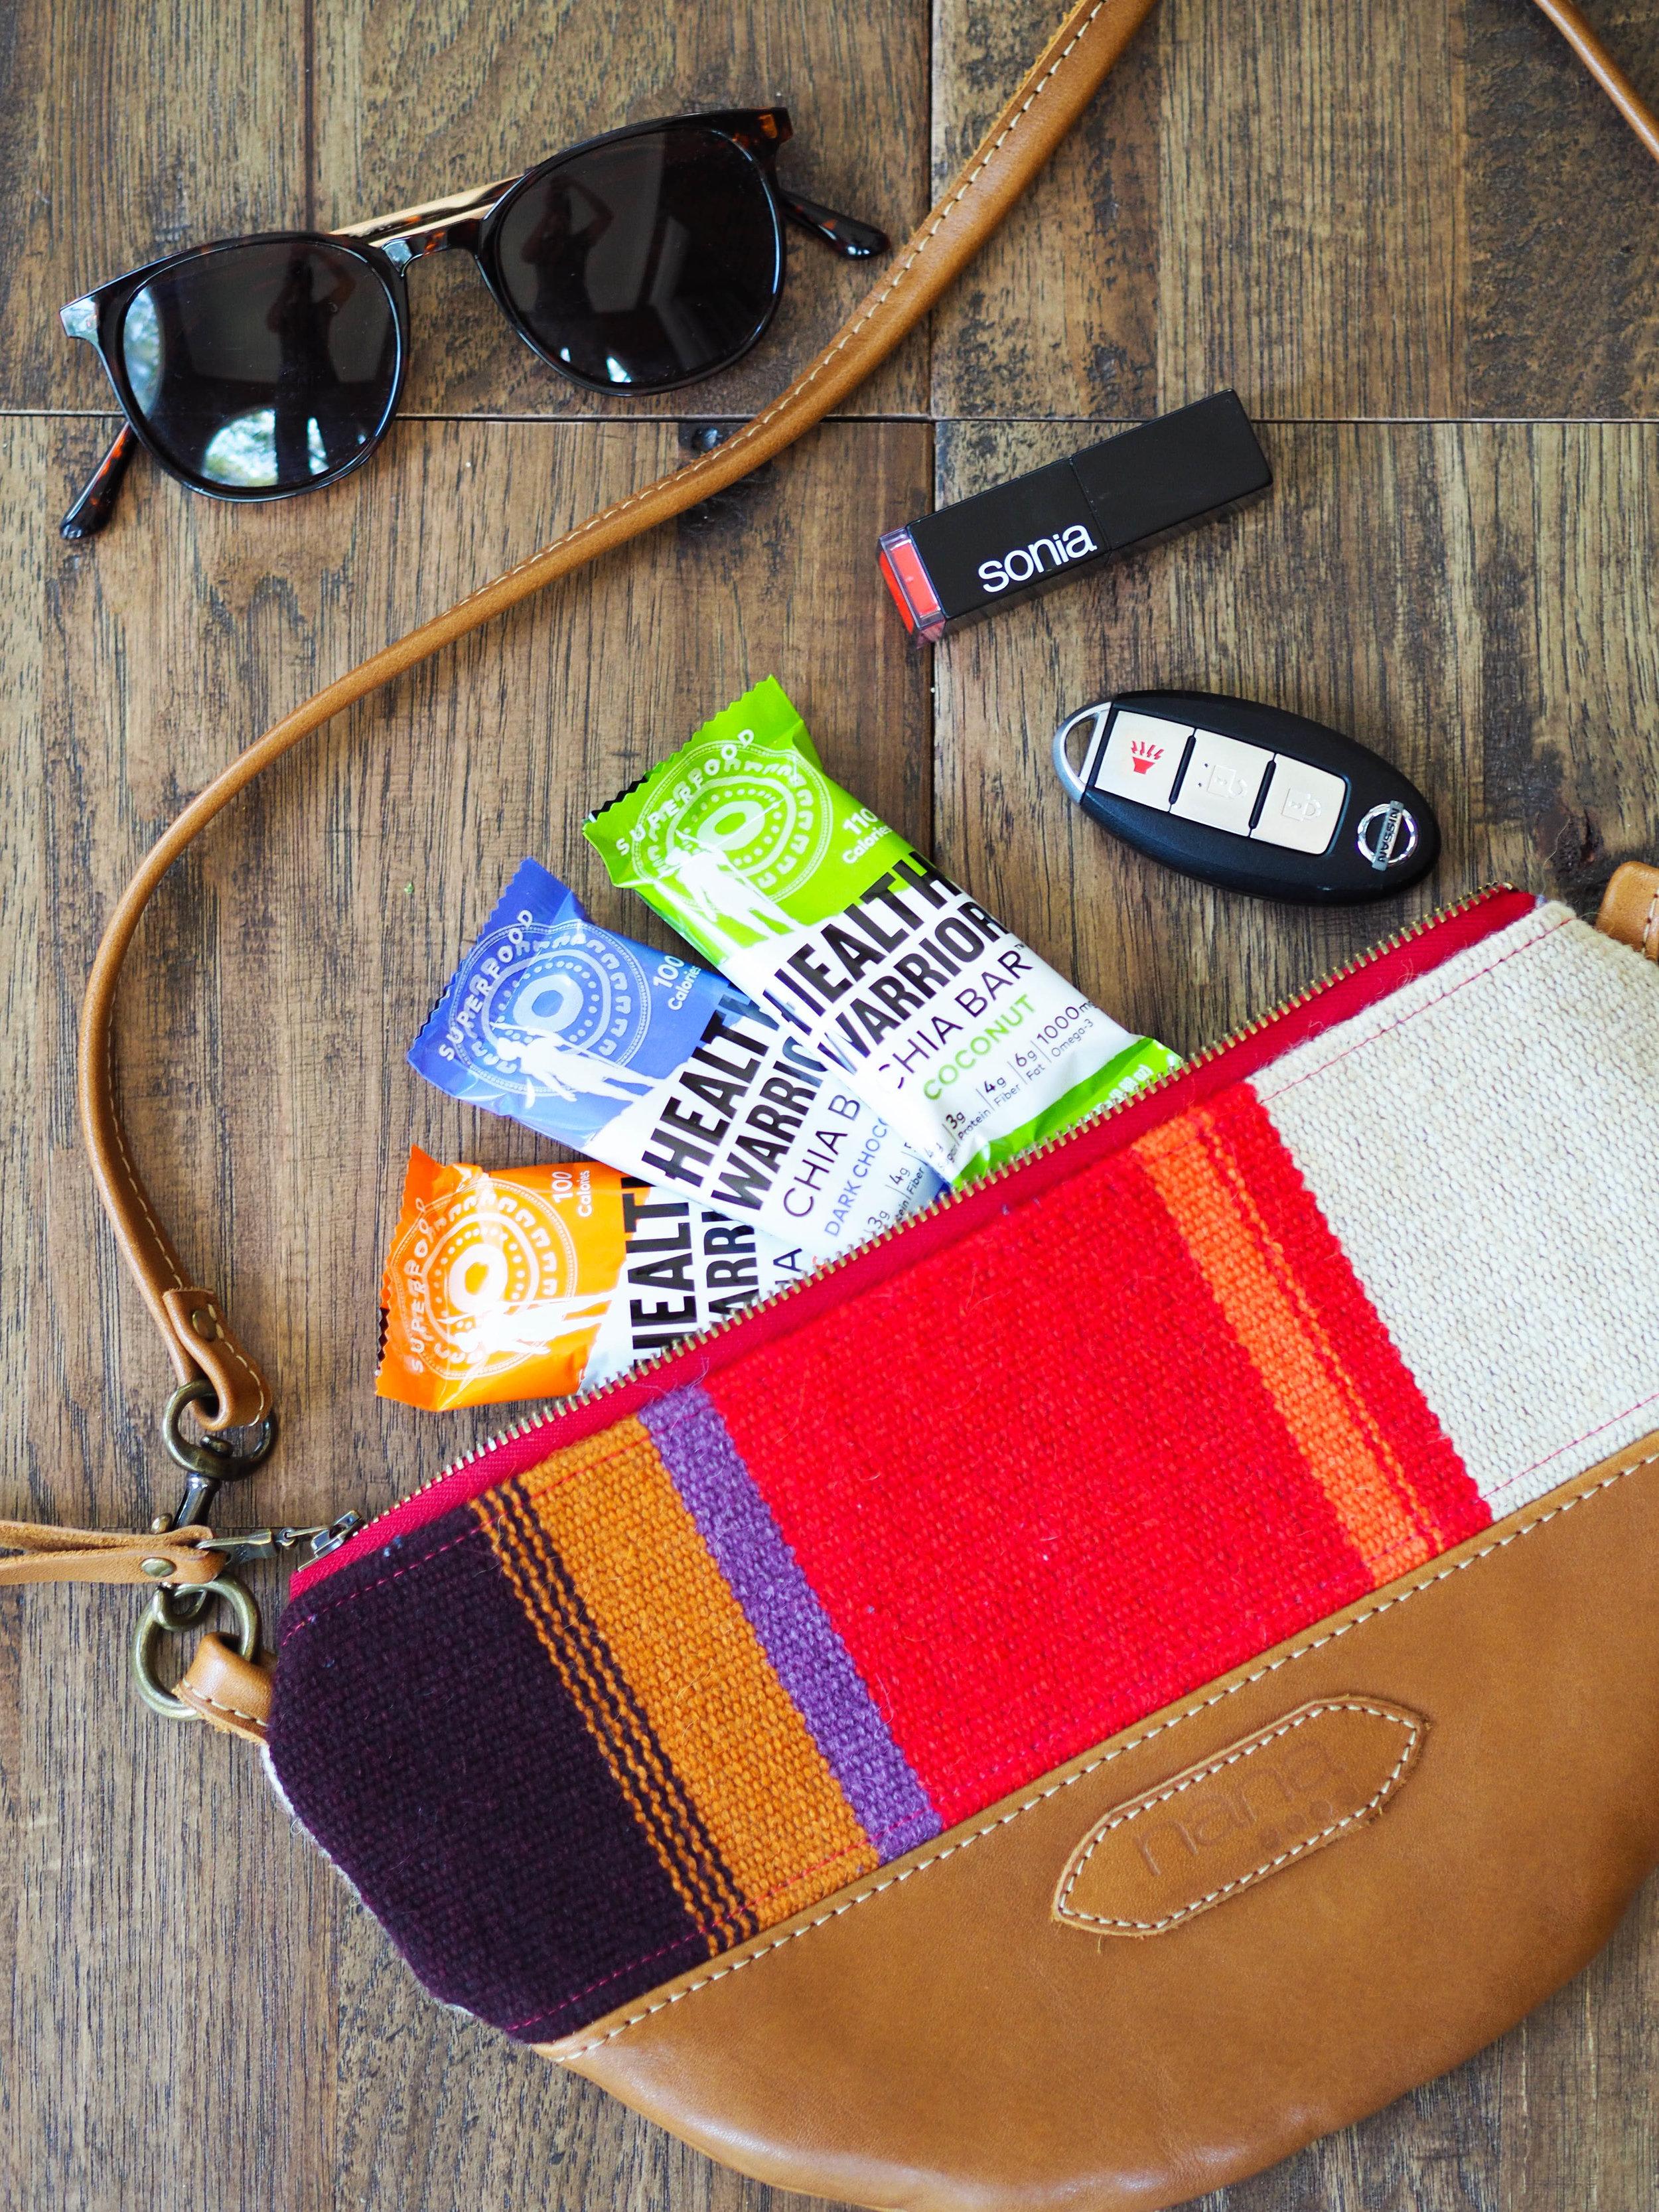 别忘了 你 的 钱包 里 的 零食 , 快速 地 打开 一个 小 睡衣 !